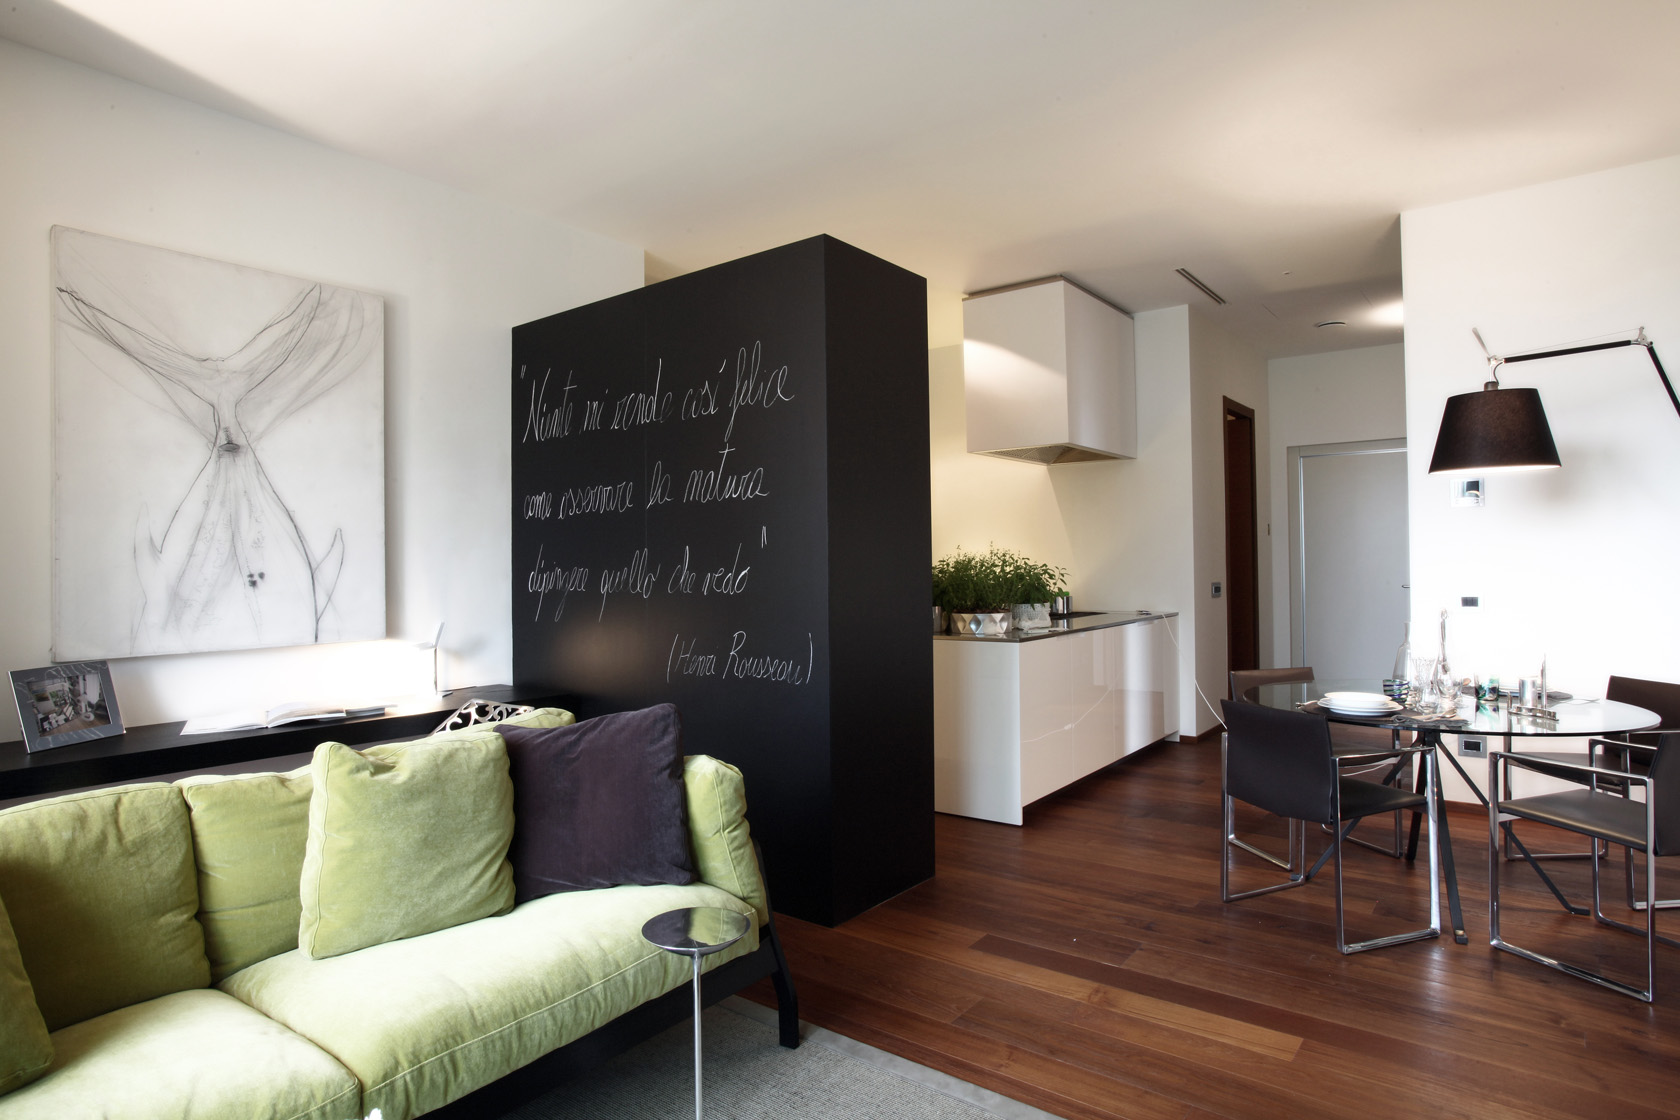 Bosco verticale milano vimar energia positiva for Design di interni milano